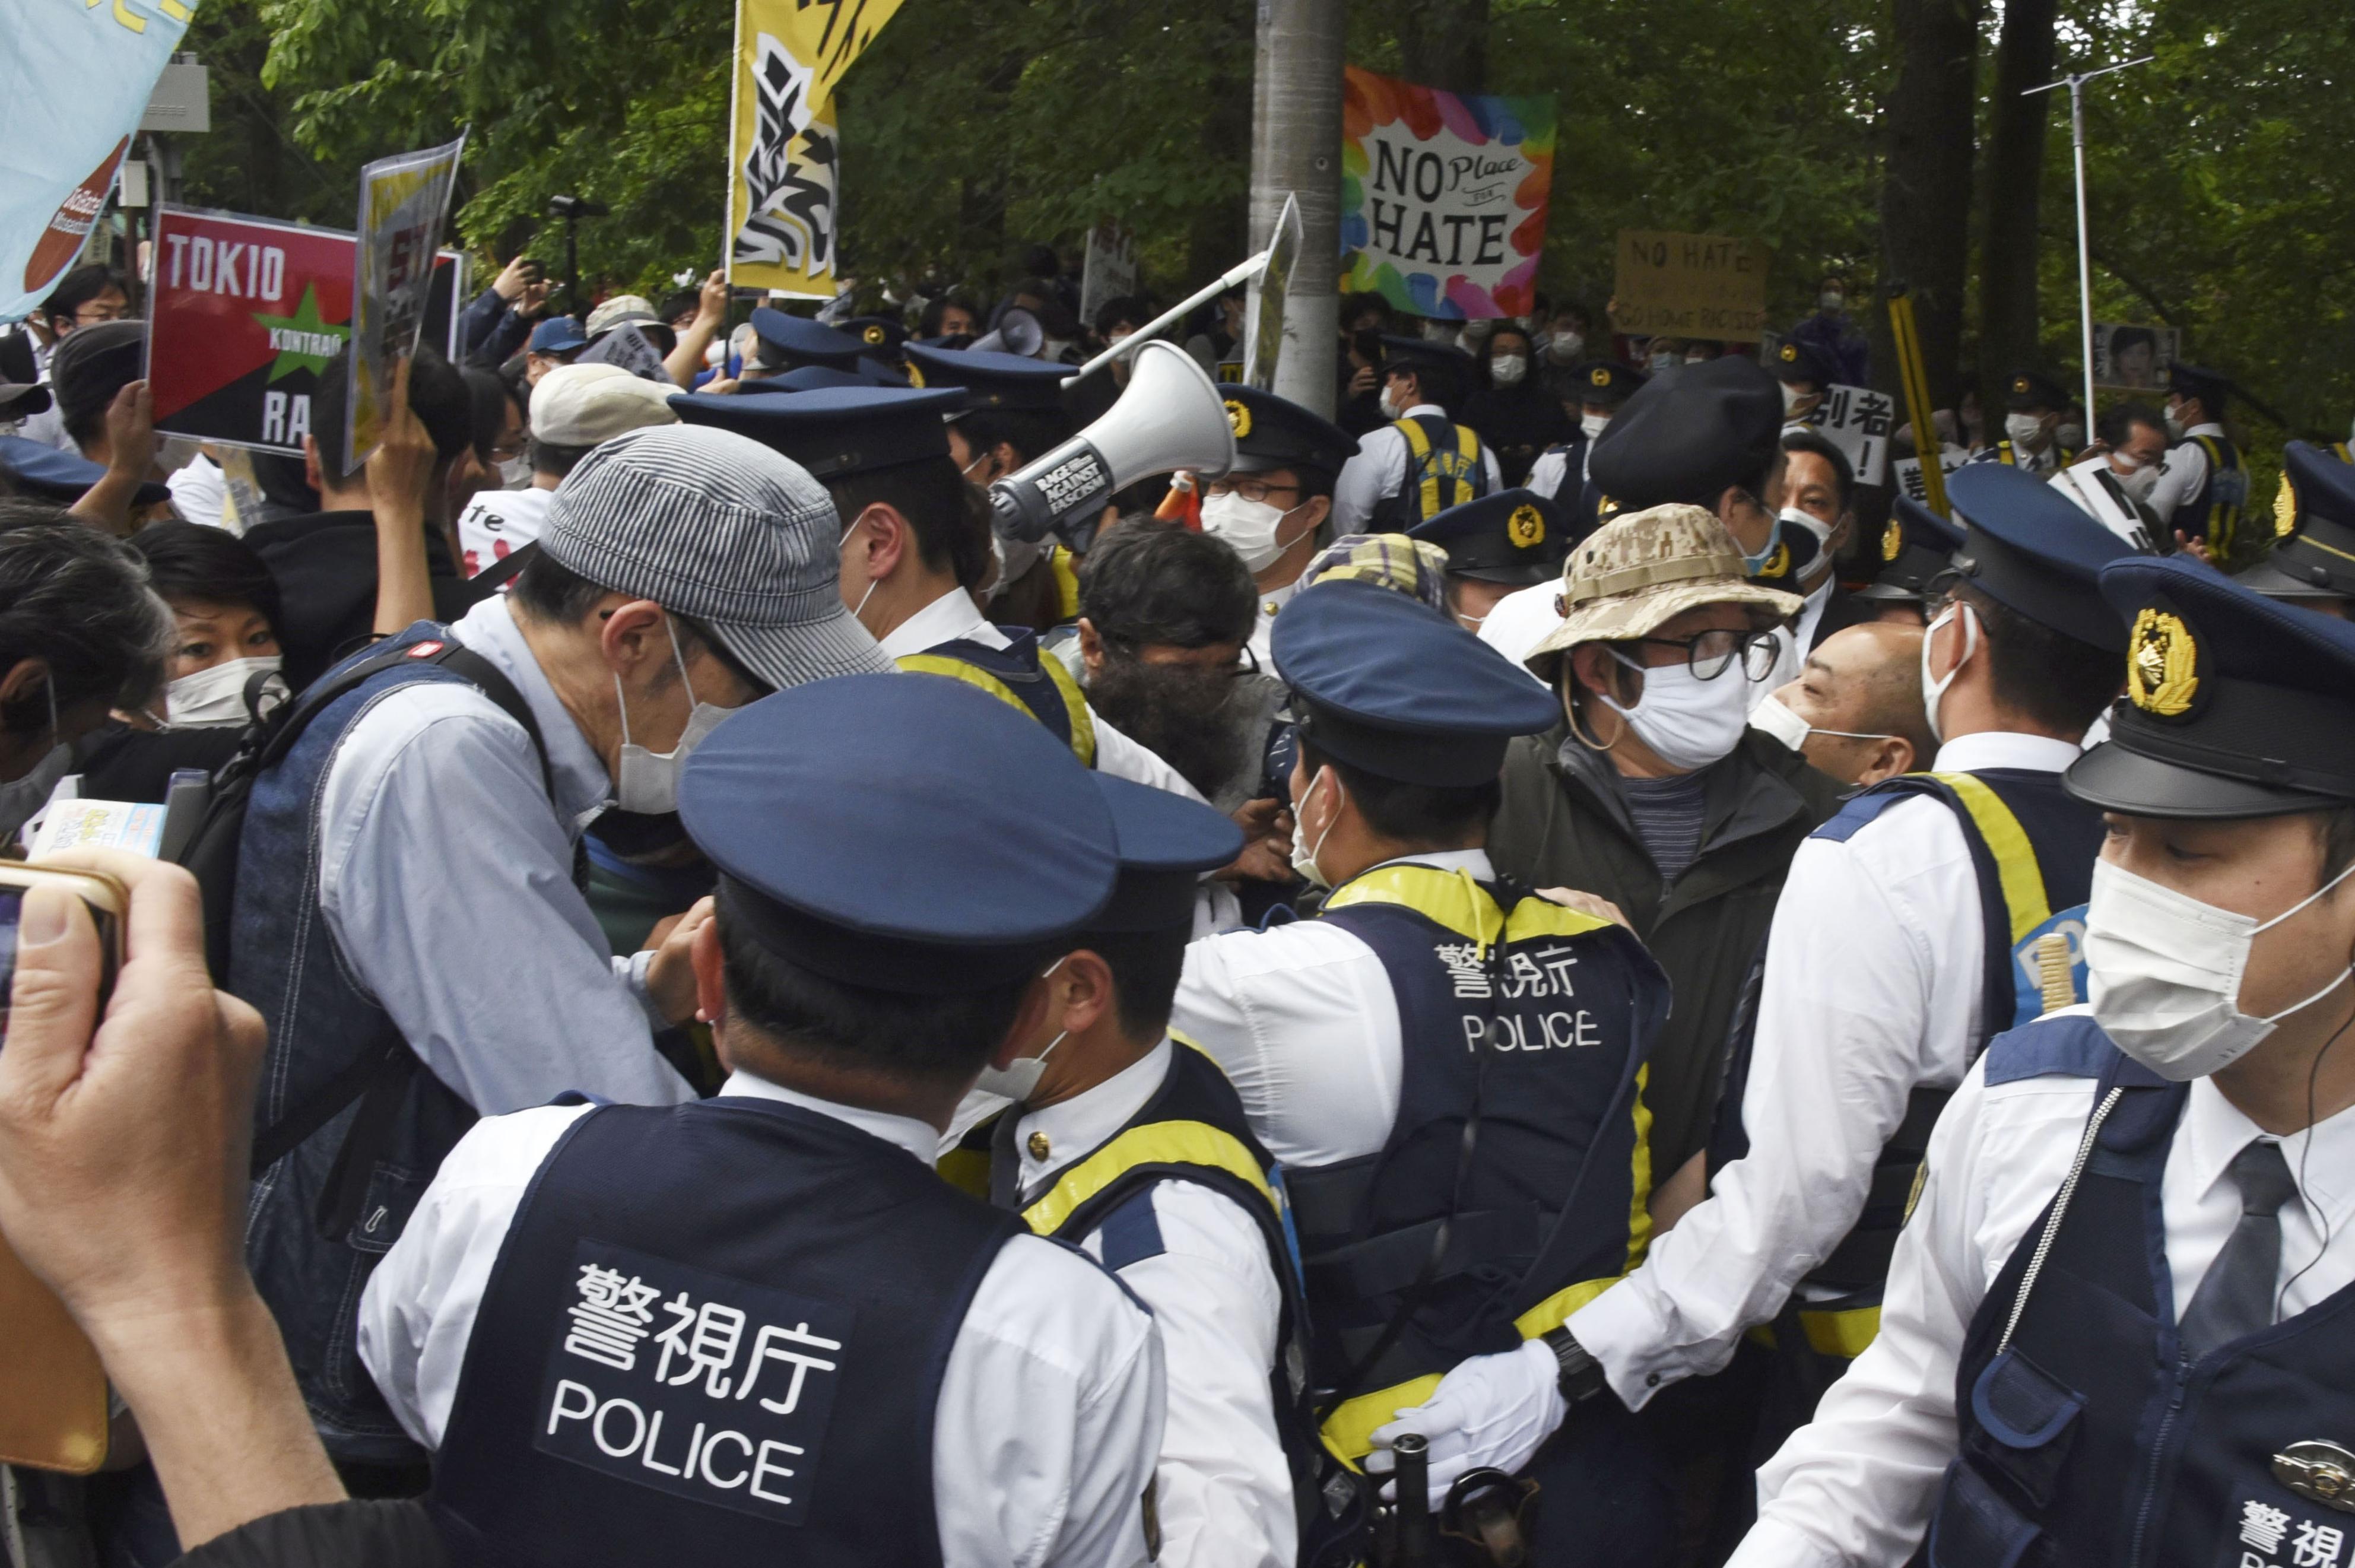 北朝鮮排斥を主張する団体の街頭宣伝に抗議する市民らで騒然とする朝鮮大学校前=10日午前、東京都小平市